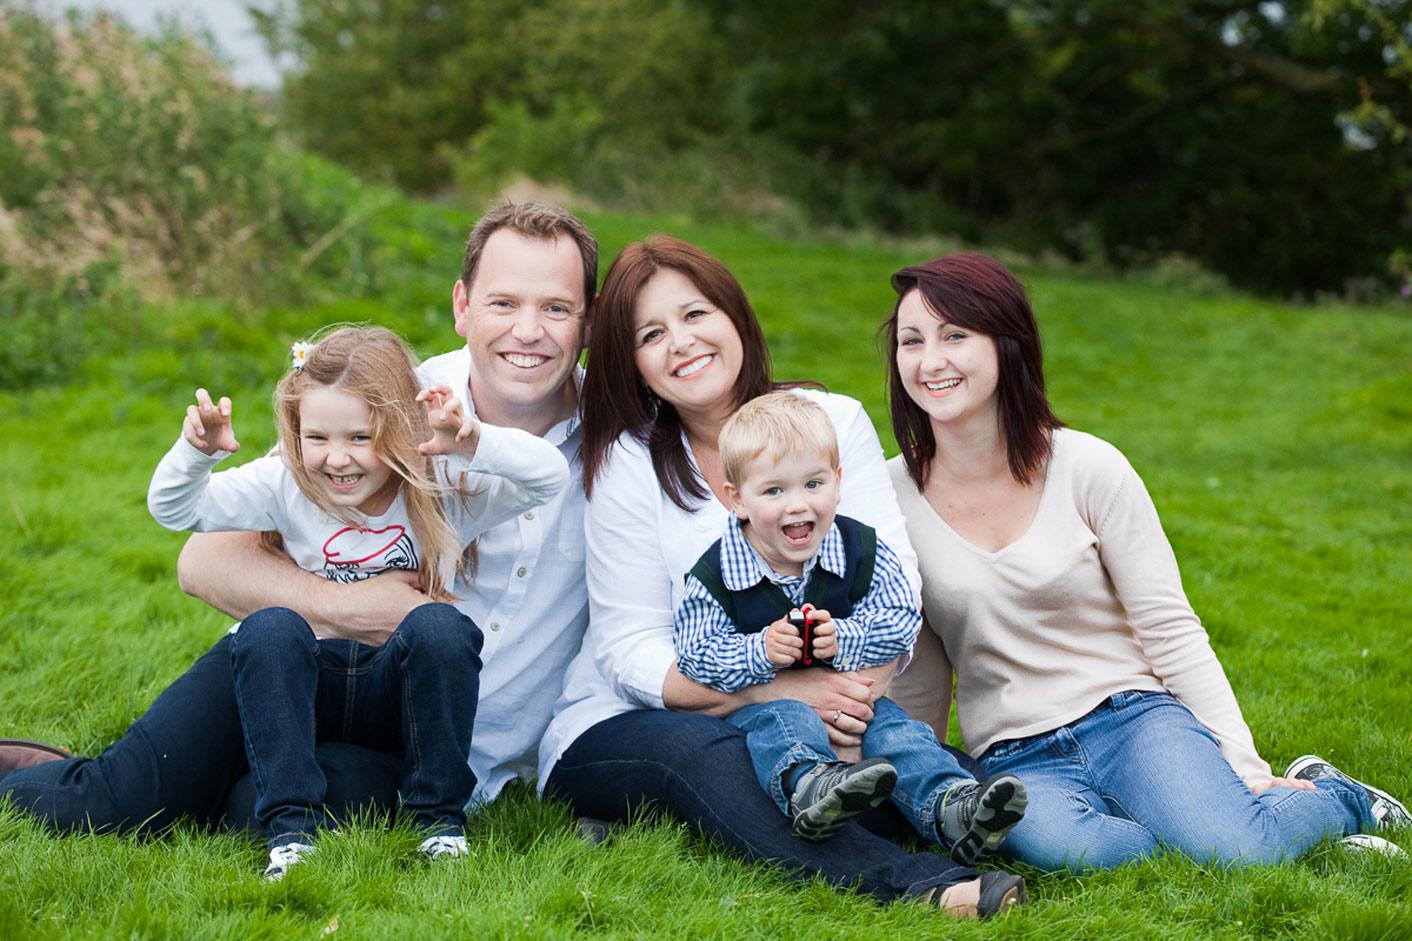 West Lothian family photographer | Cottons 22